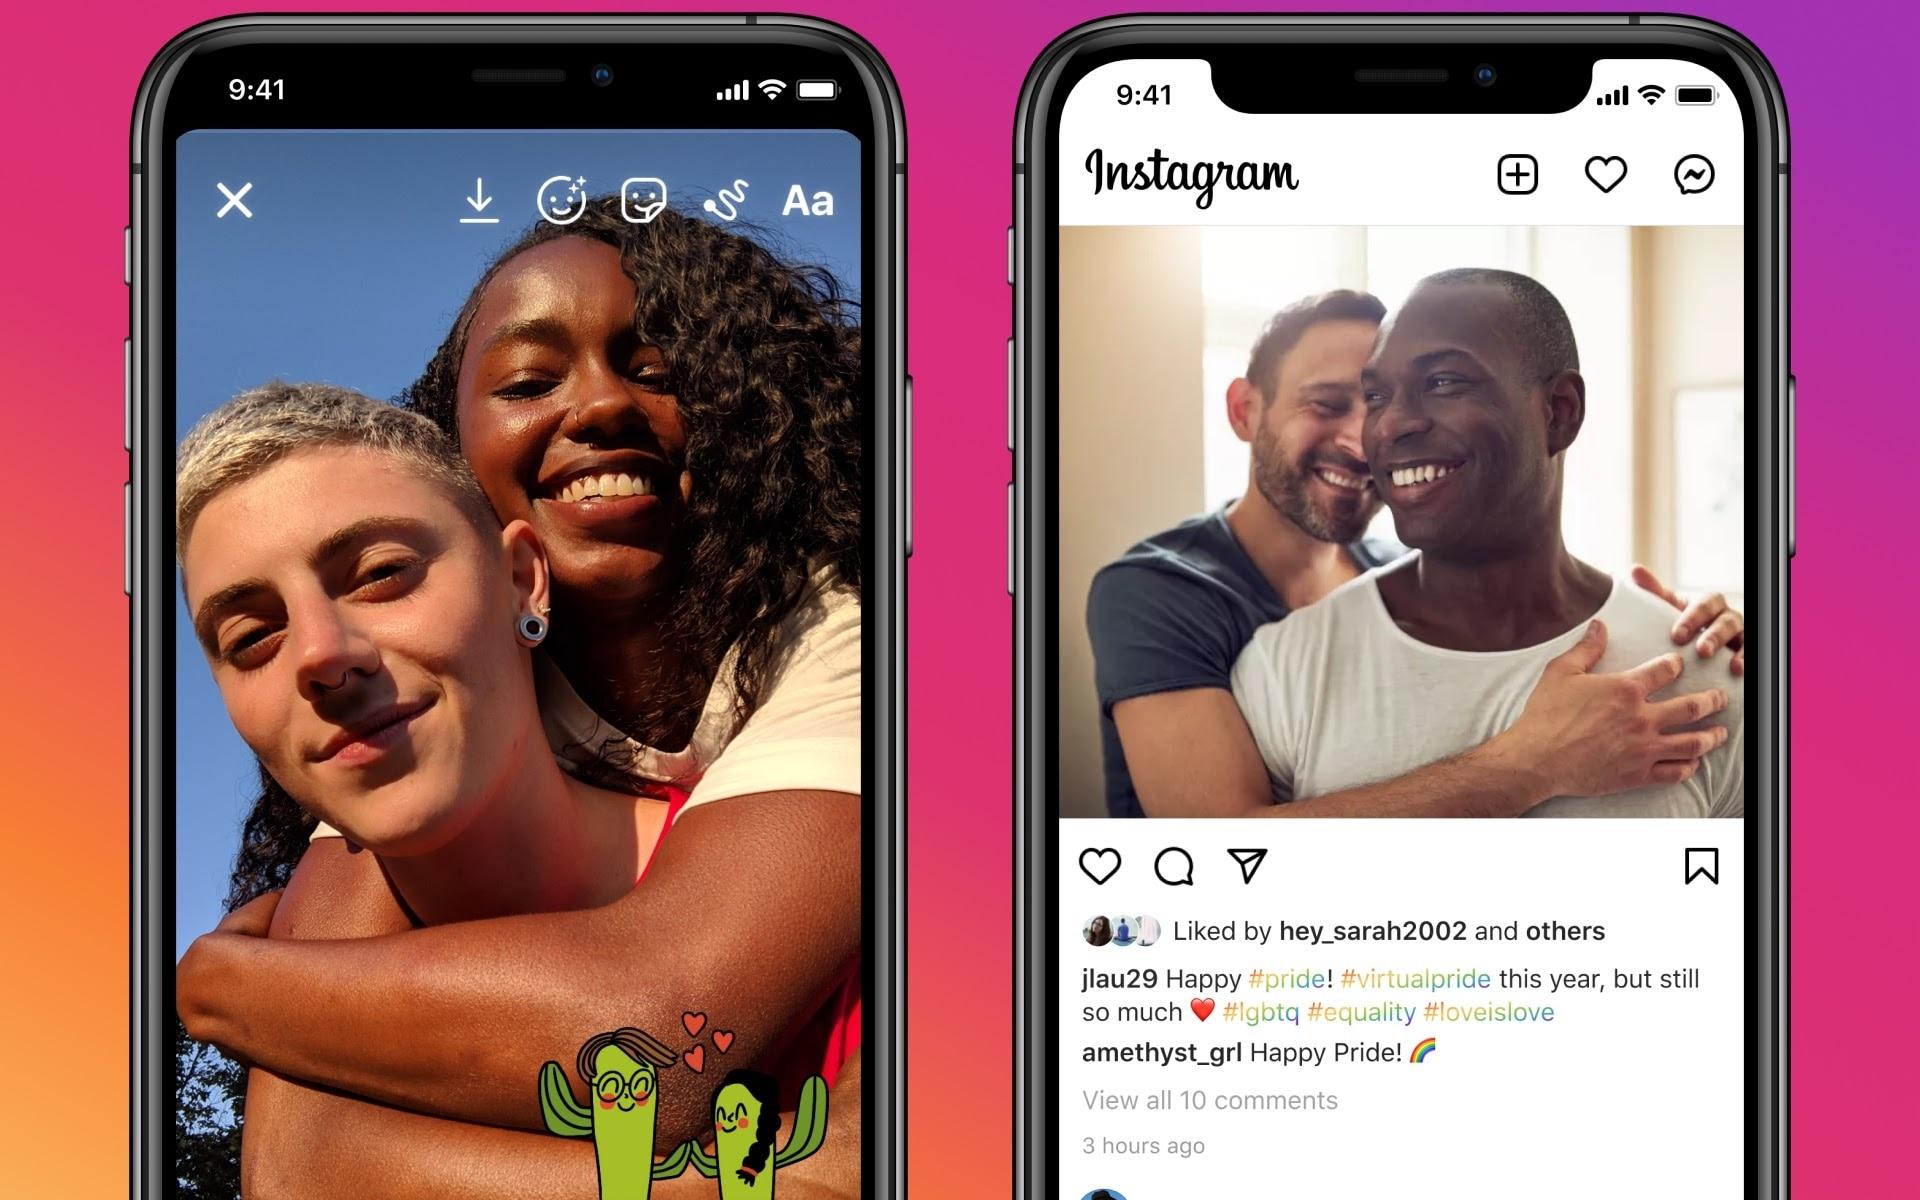 I nuovi adesivi su Instagram ispirati al Pride